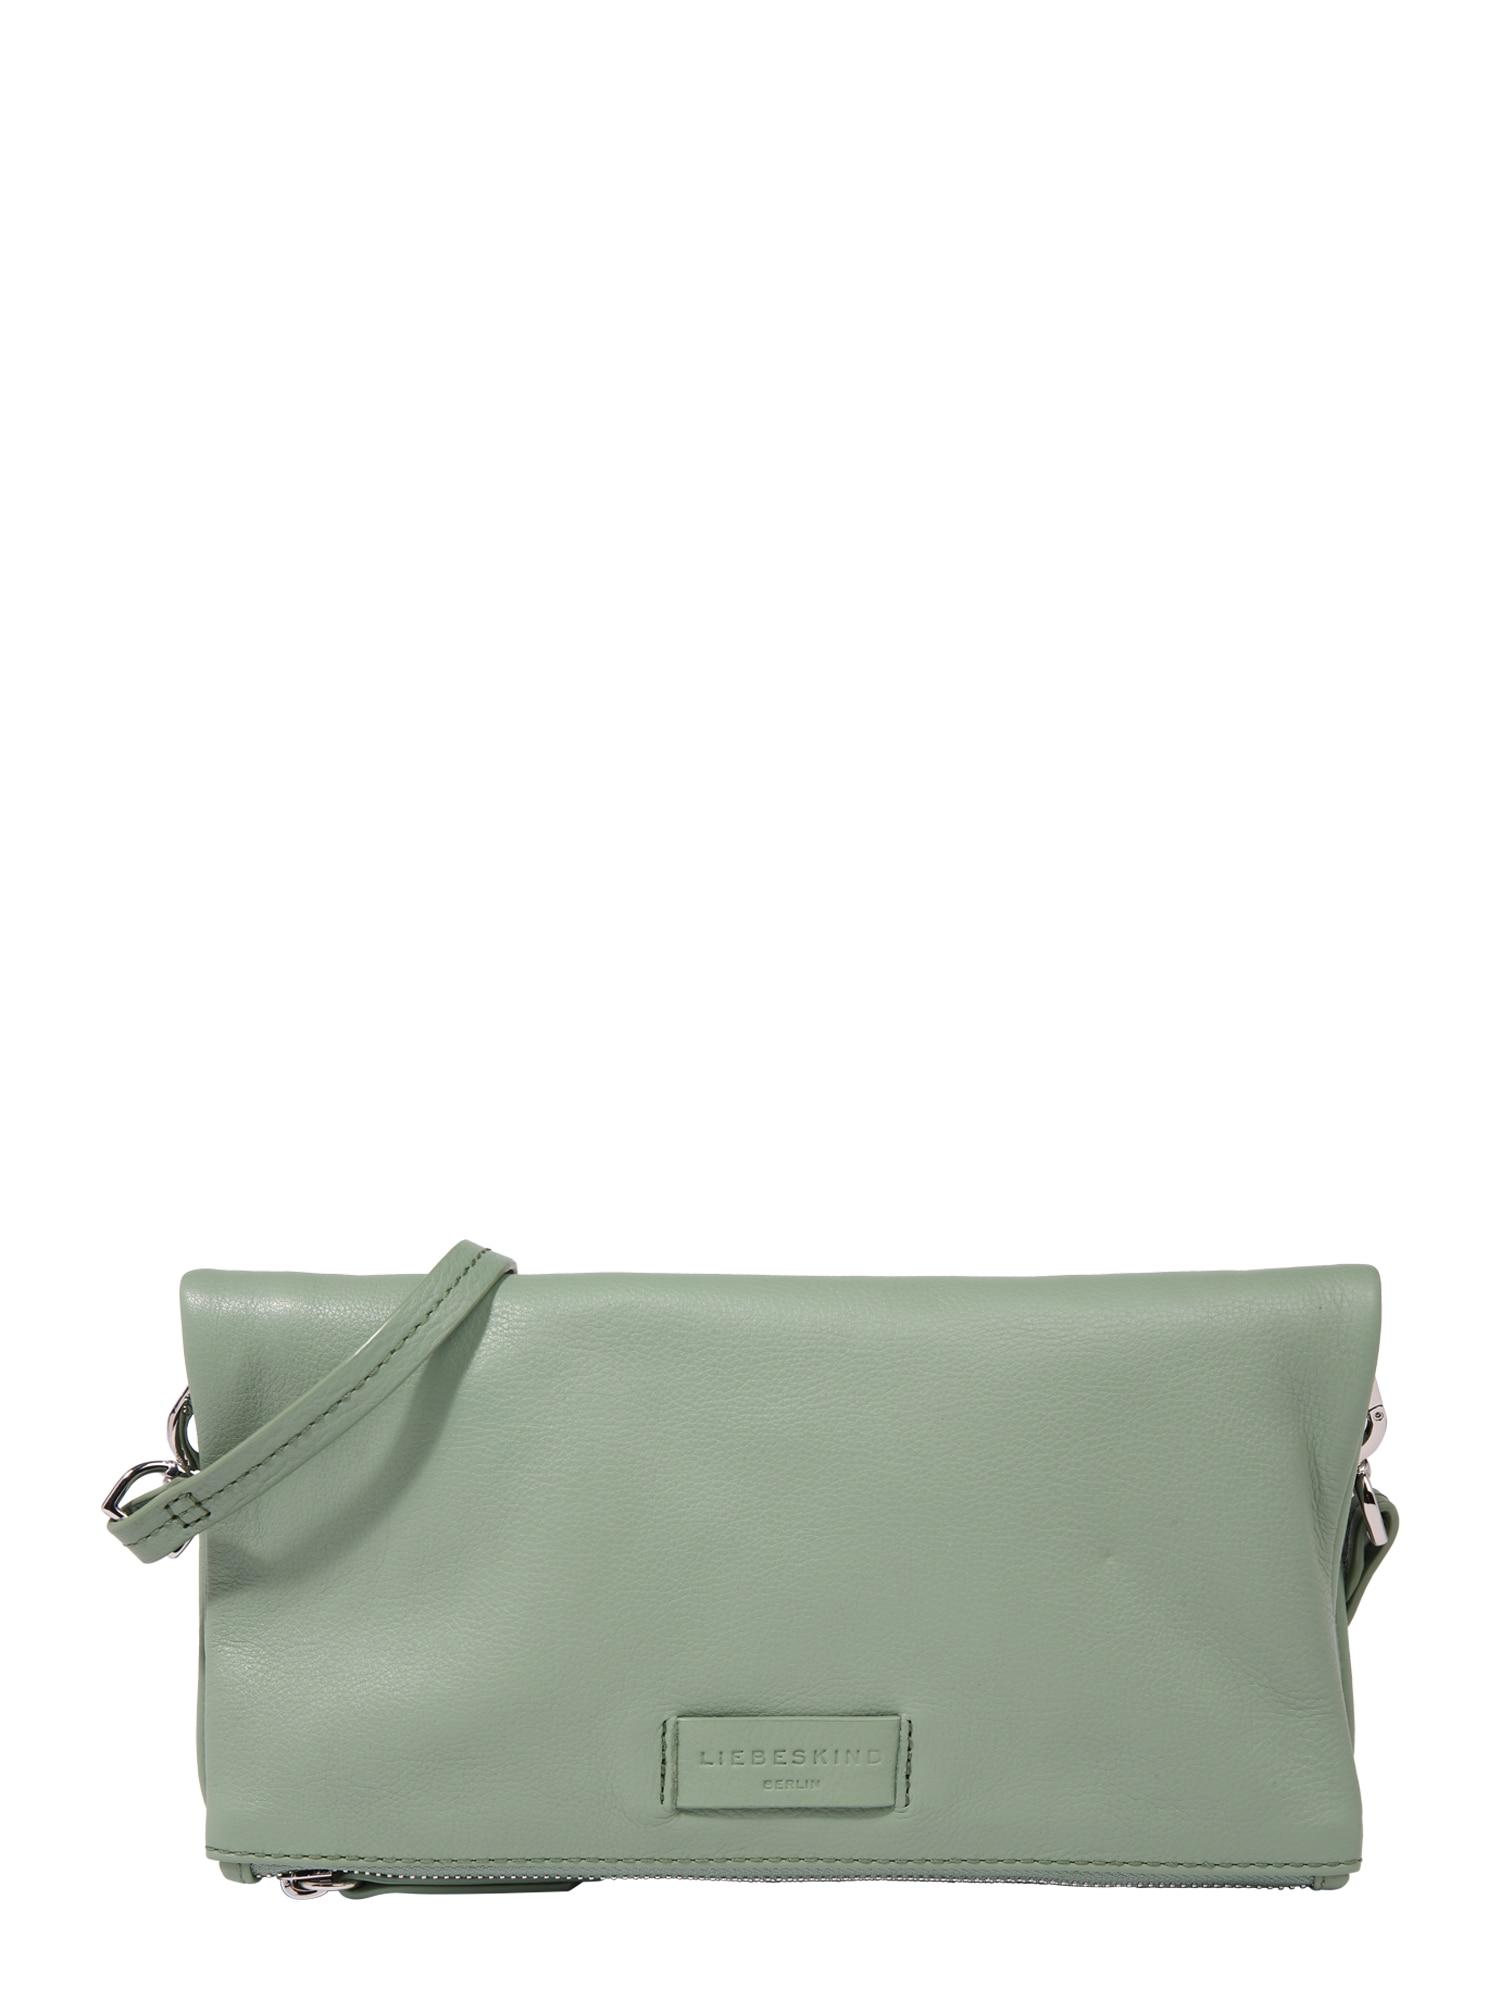 Taschen online günstig kaufen über shop24.at   shop24